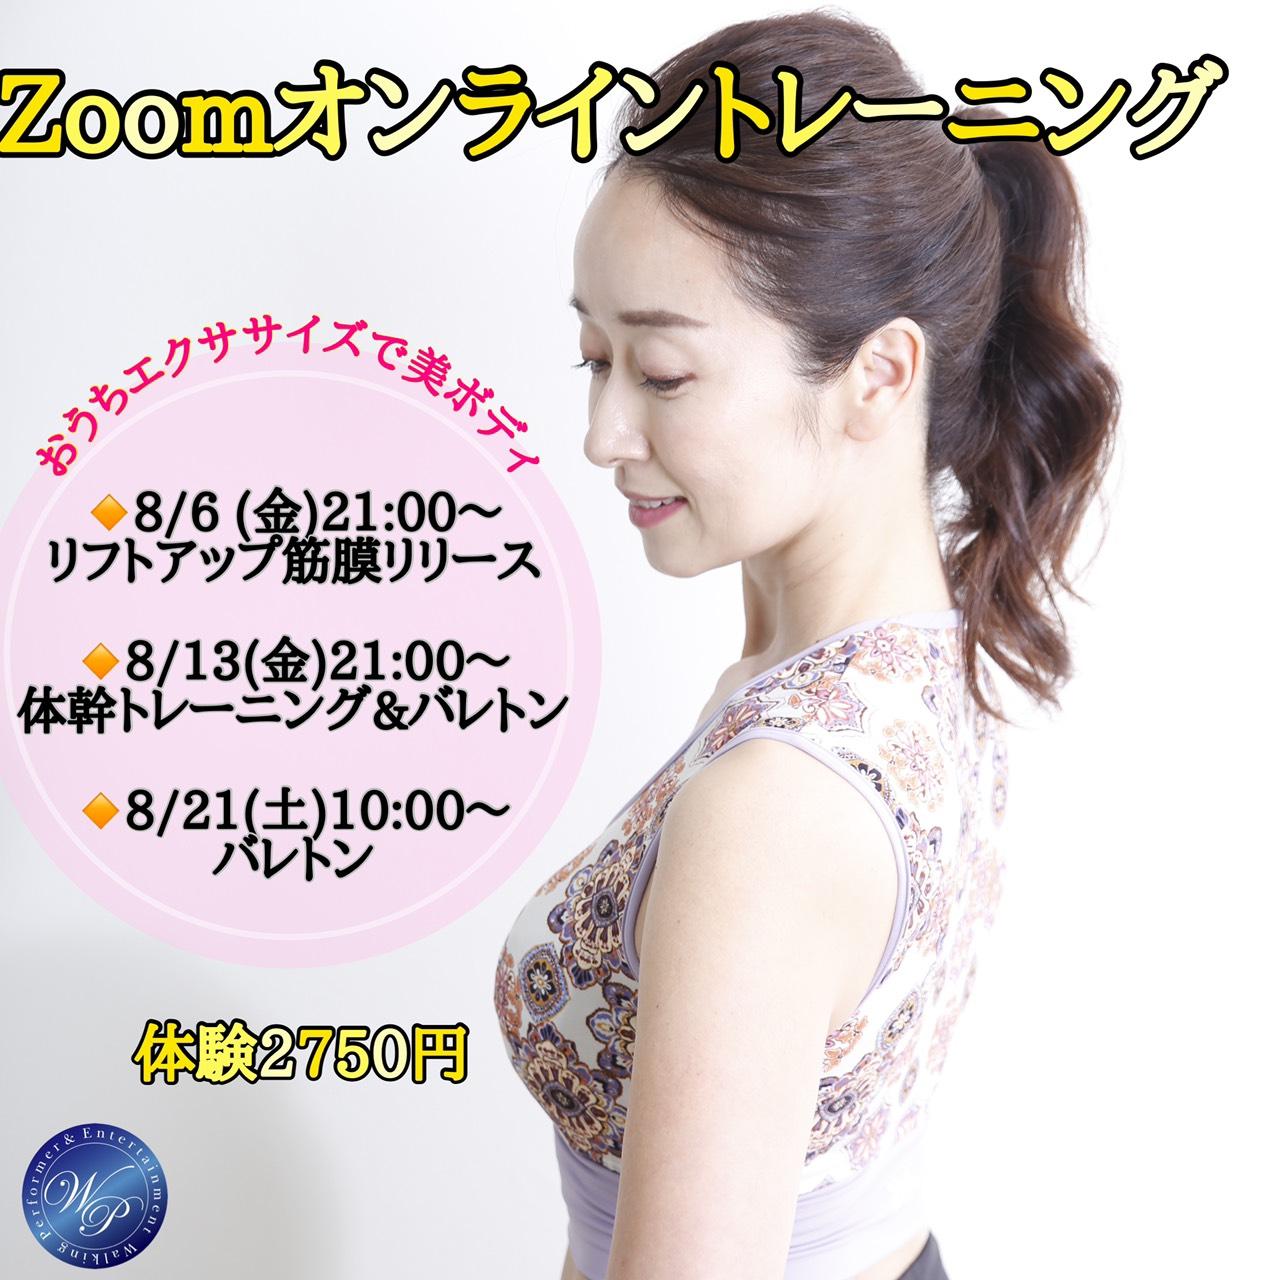 【オンライン開催】美ボディマネージメント講座/講師 廣瀬由仁子